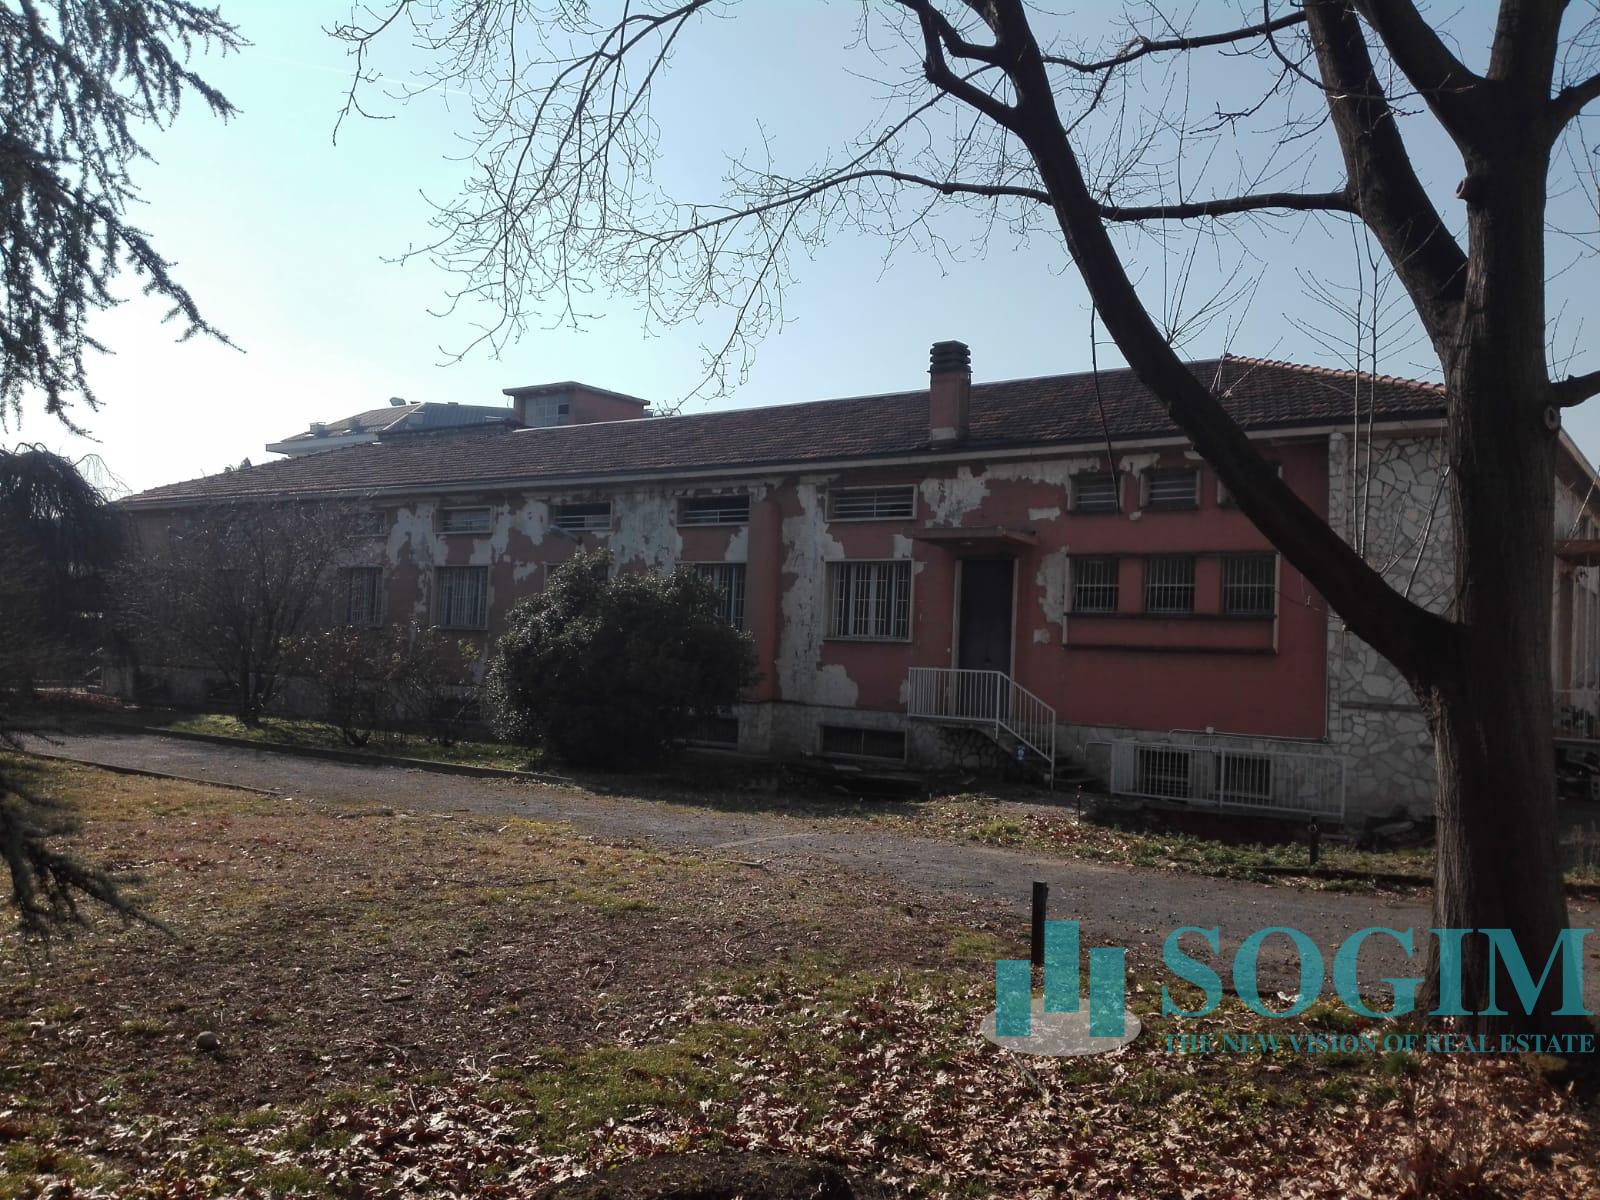 Terreno Industriale in Vendita a Cinisello Balsamo  rif. 9598